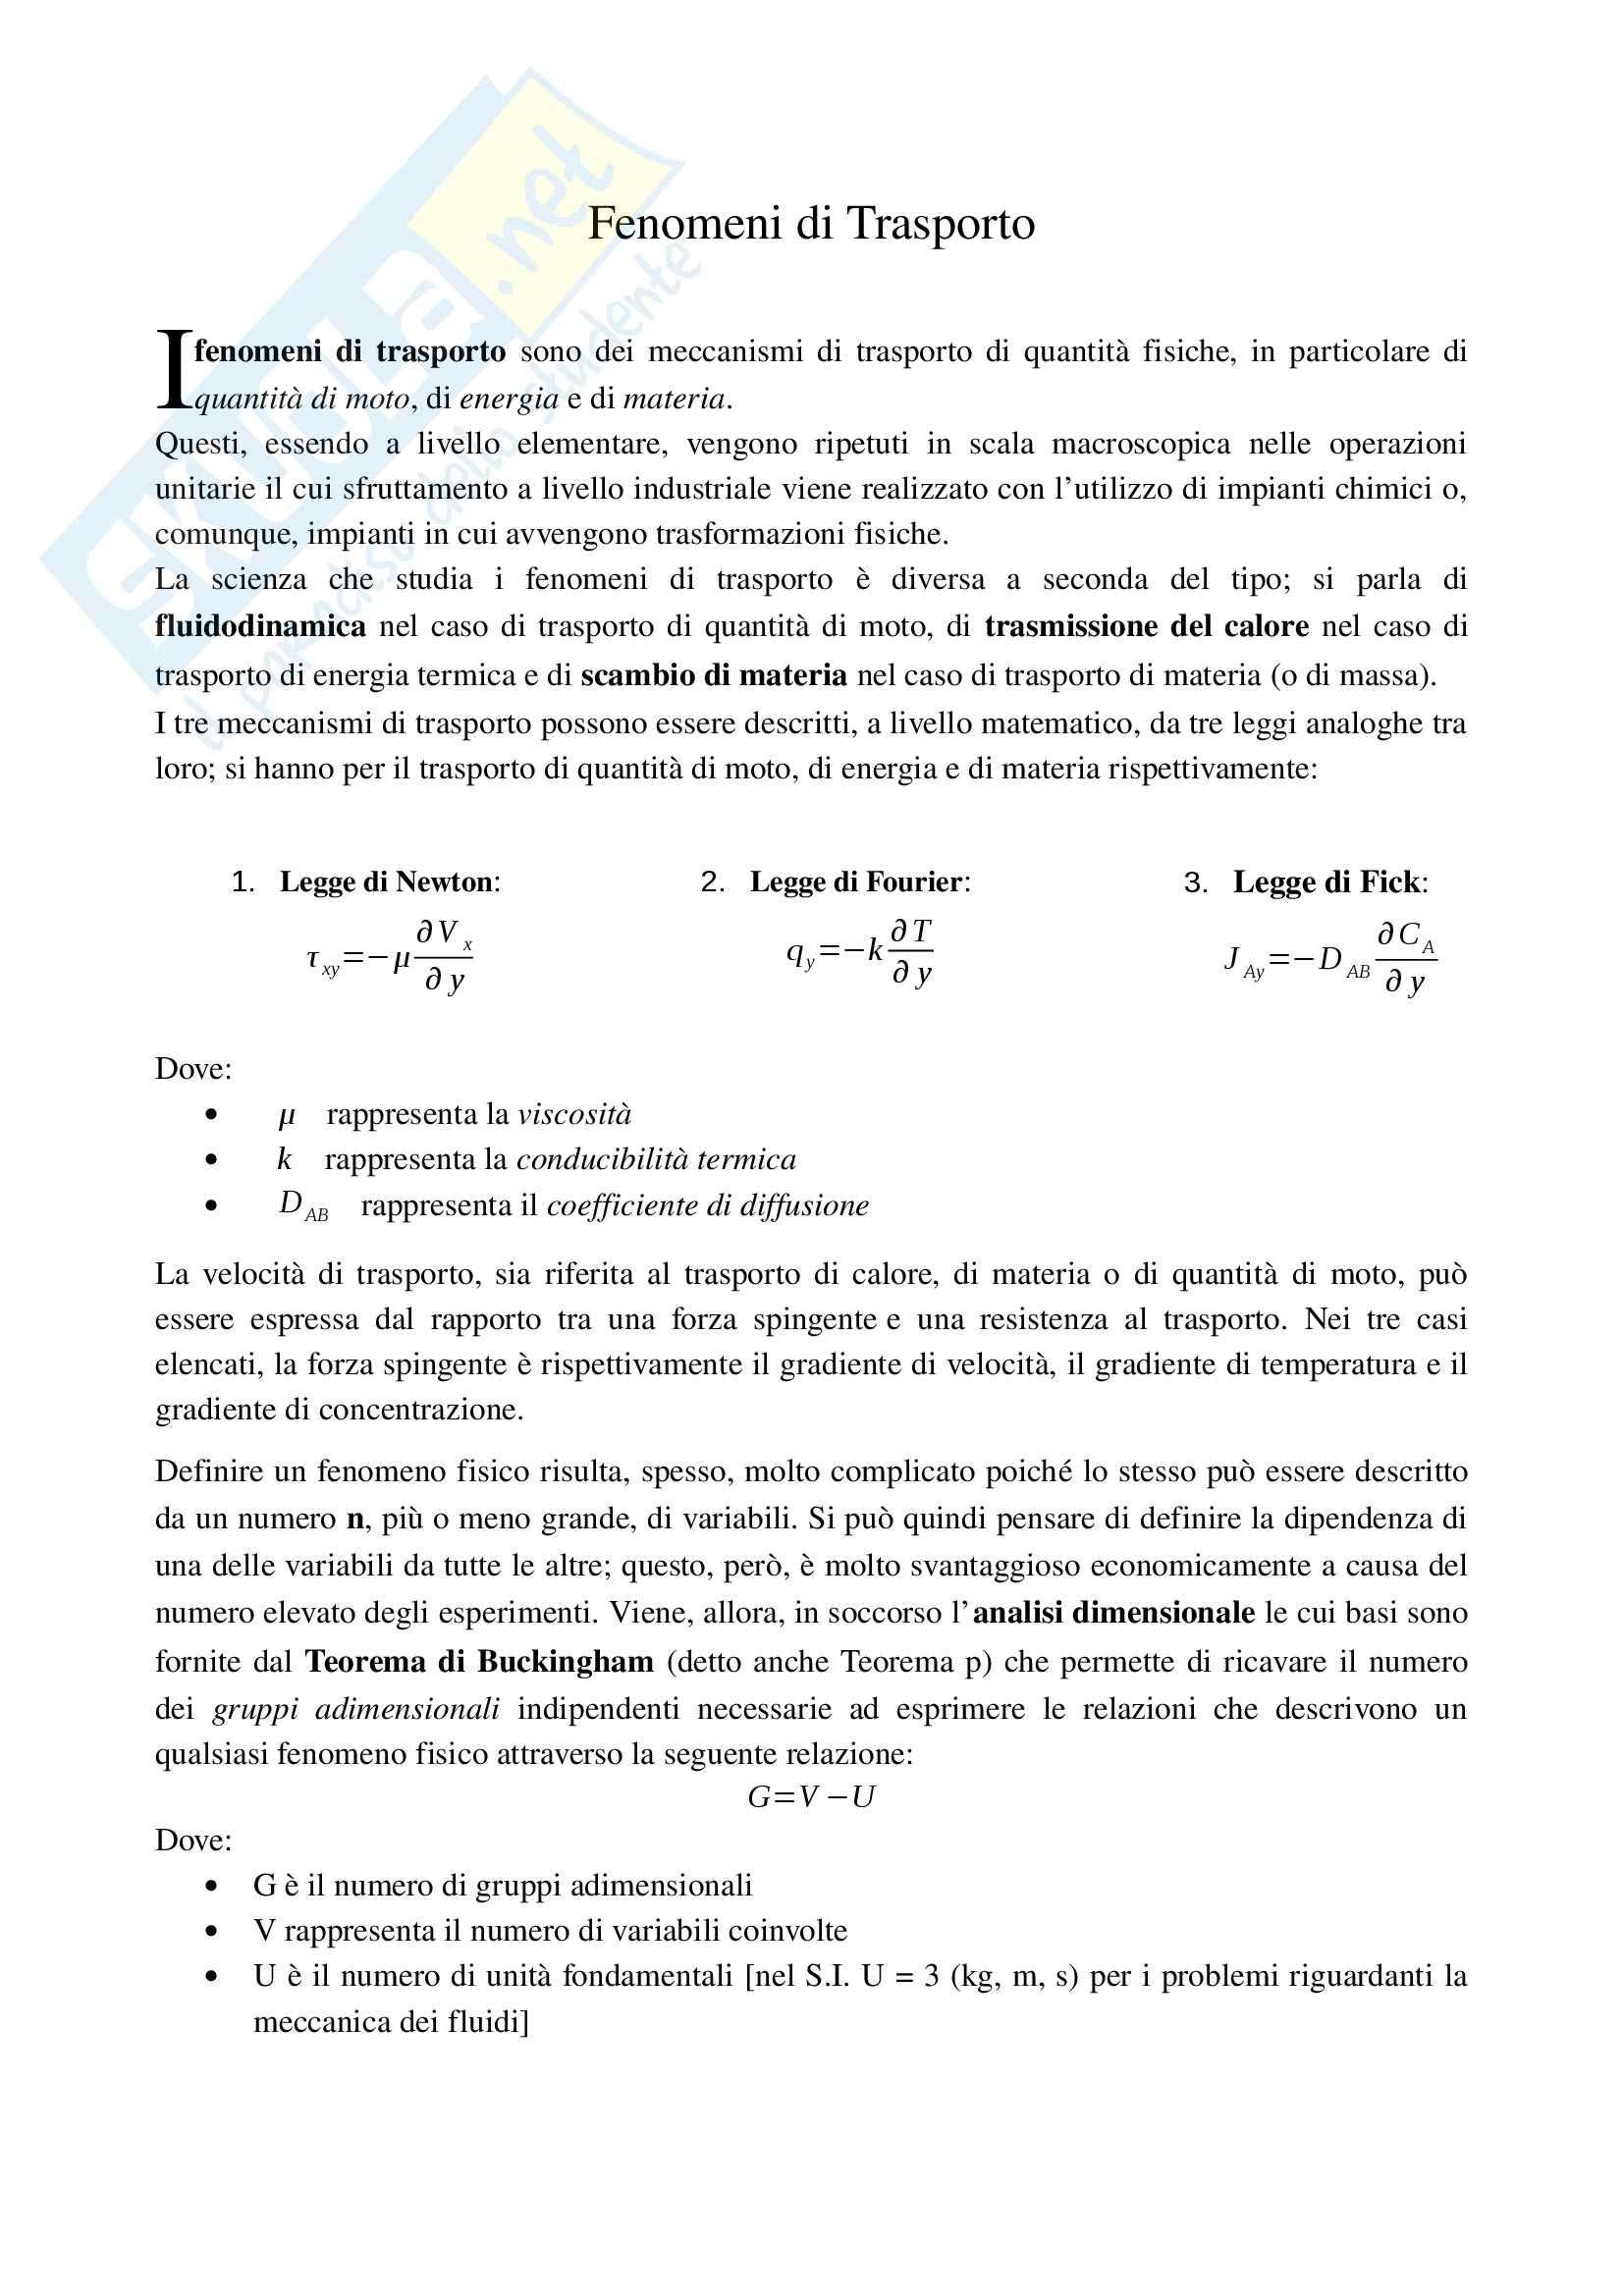 Relazione Laboratorio 2, Laboratorio di Ingegneria chimica Pag. 2